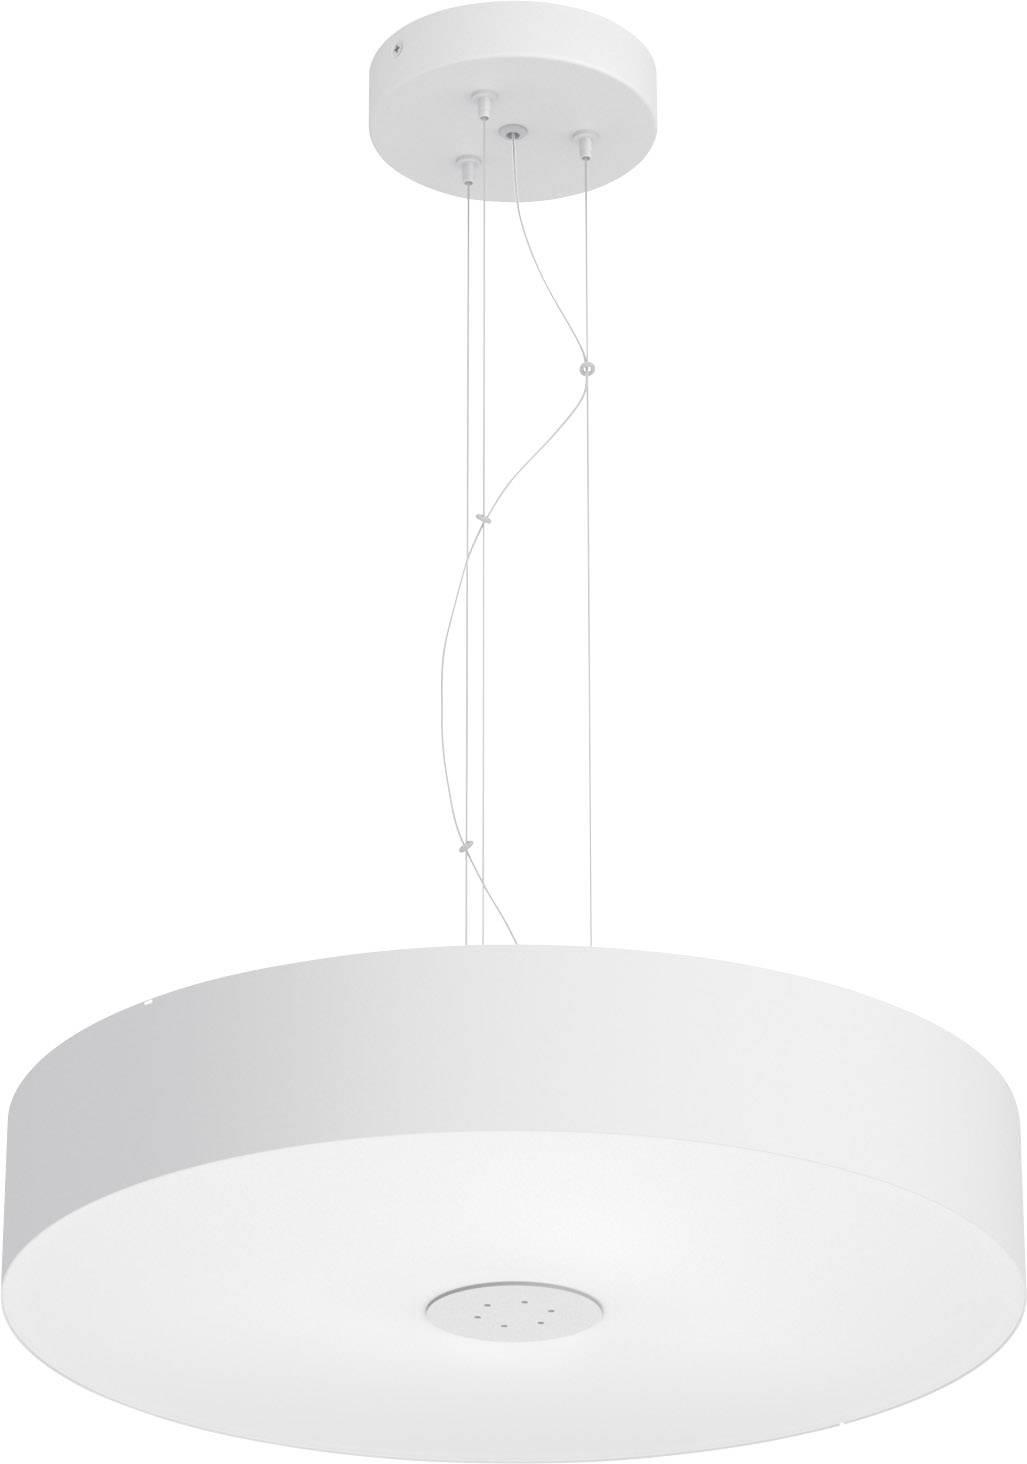 Philips Lighting Hue LED Pendelleuchte Fair LED fest eingebaut 39 W Warm Weiß, Neutral Weiß, Tageslicht Weiß